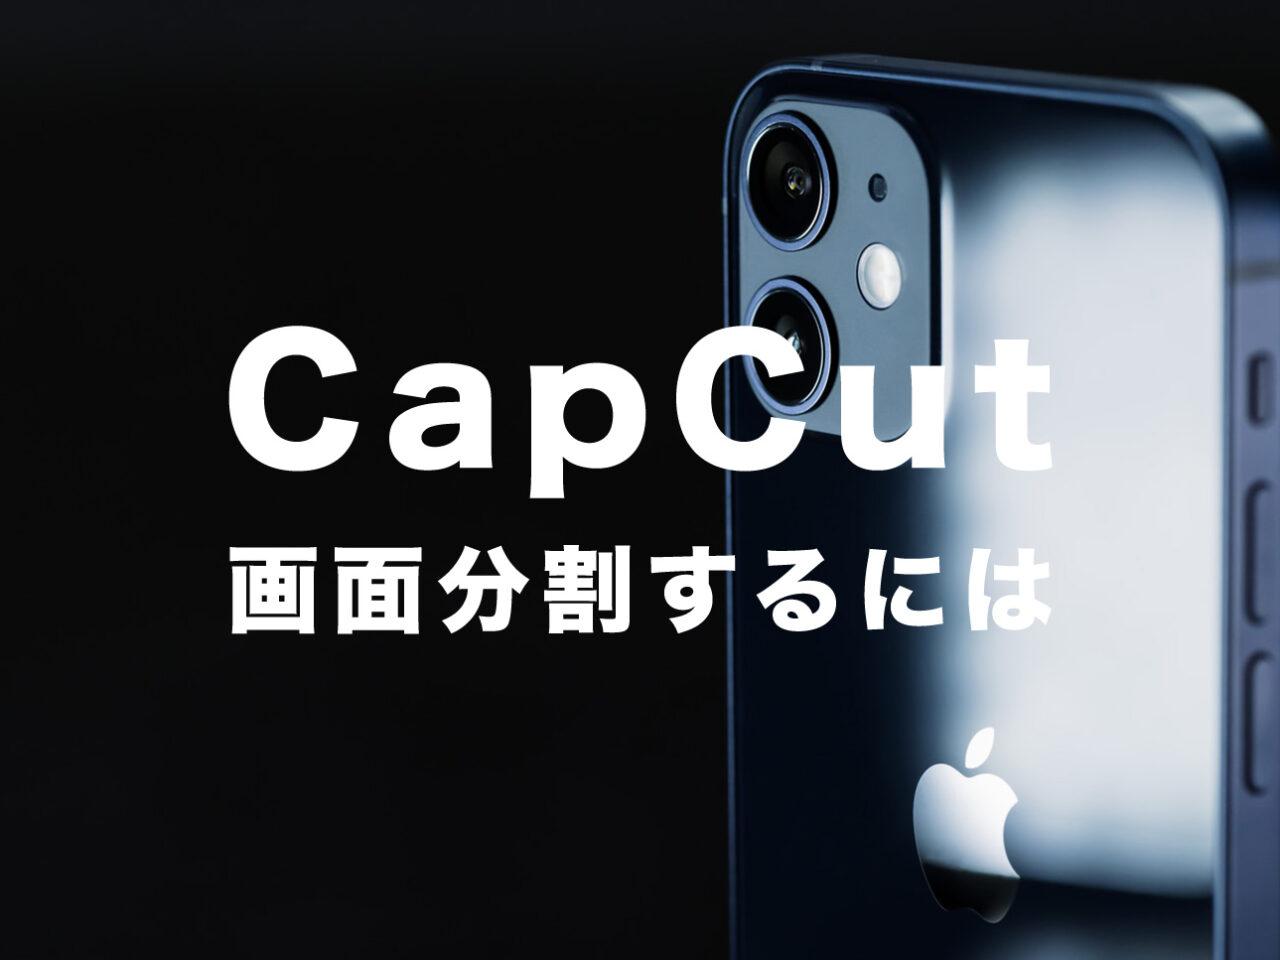 CapCut(キャップカット)で画面分割の仕方は?2分割&3分割&4分割で再生させるには?のサムネイル画像